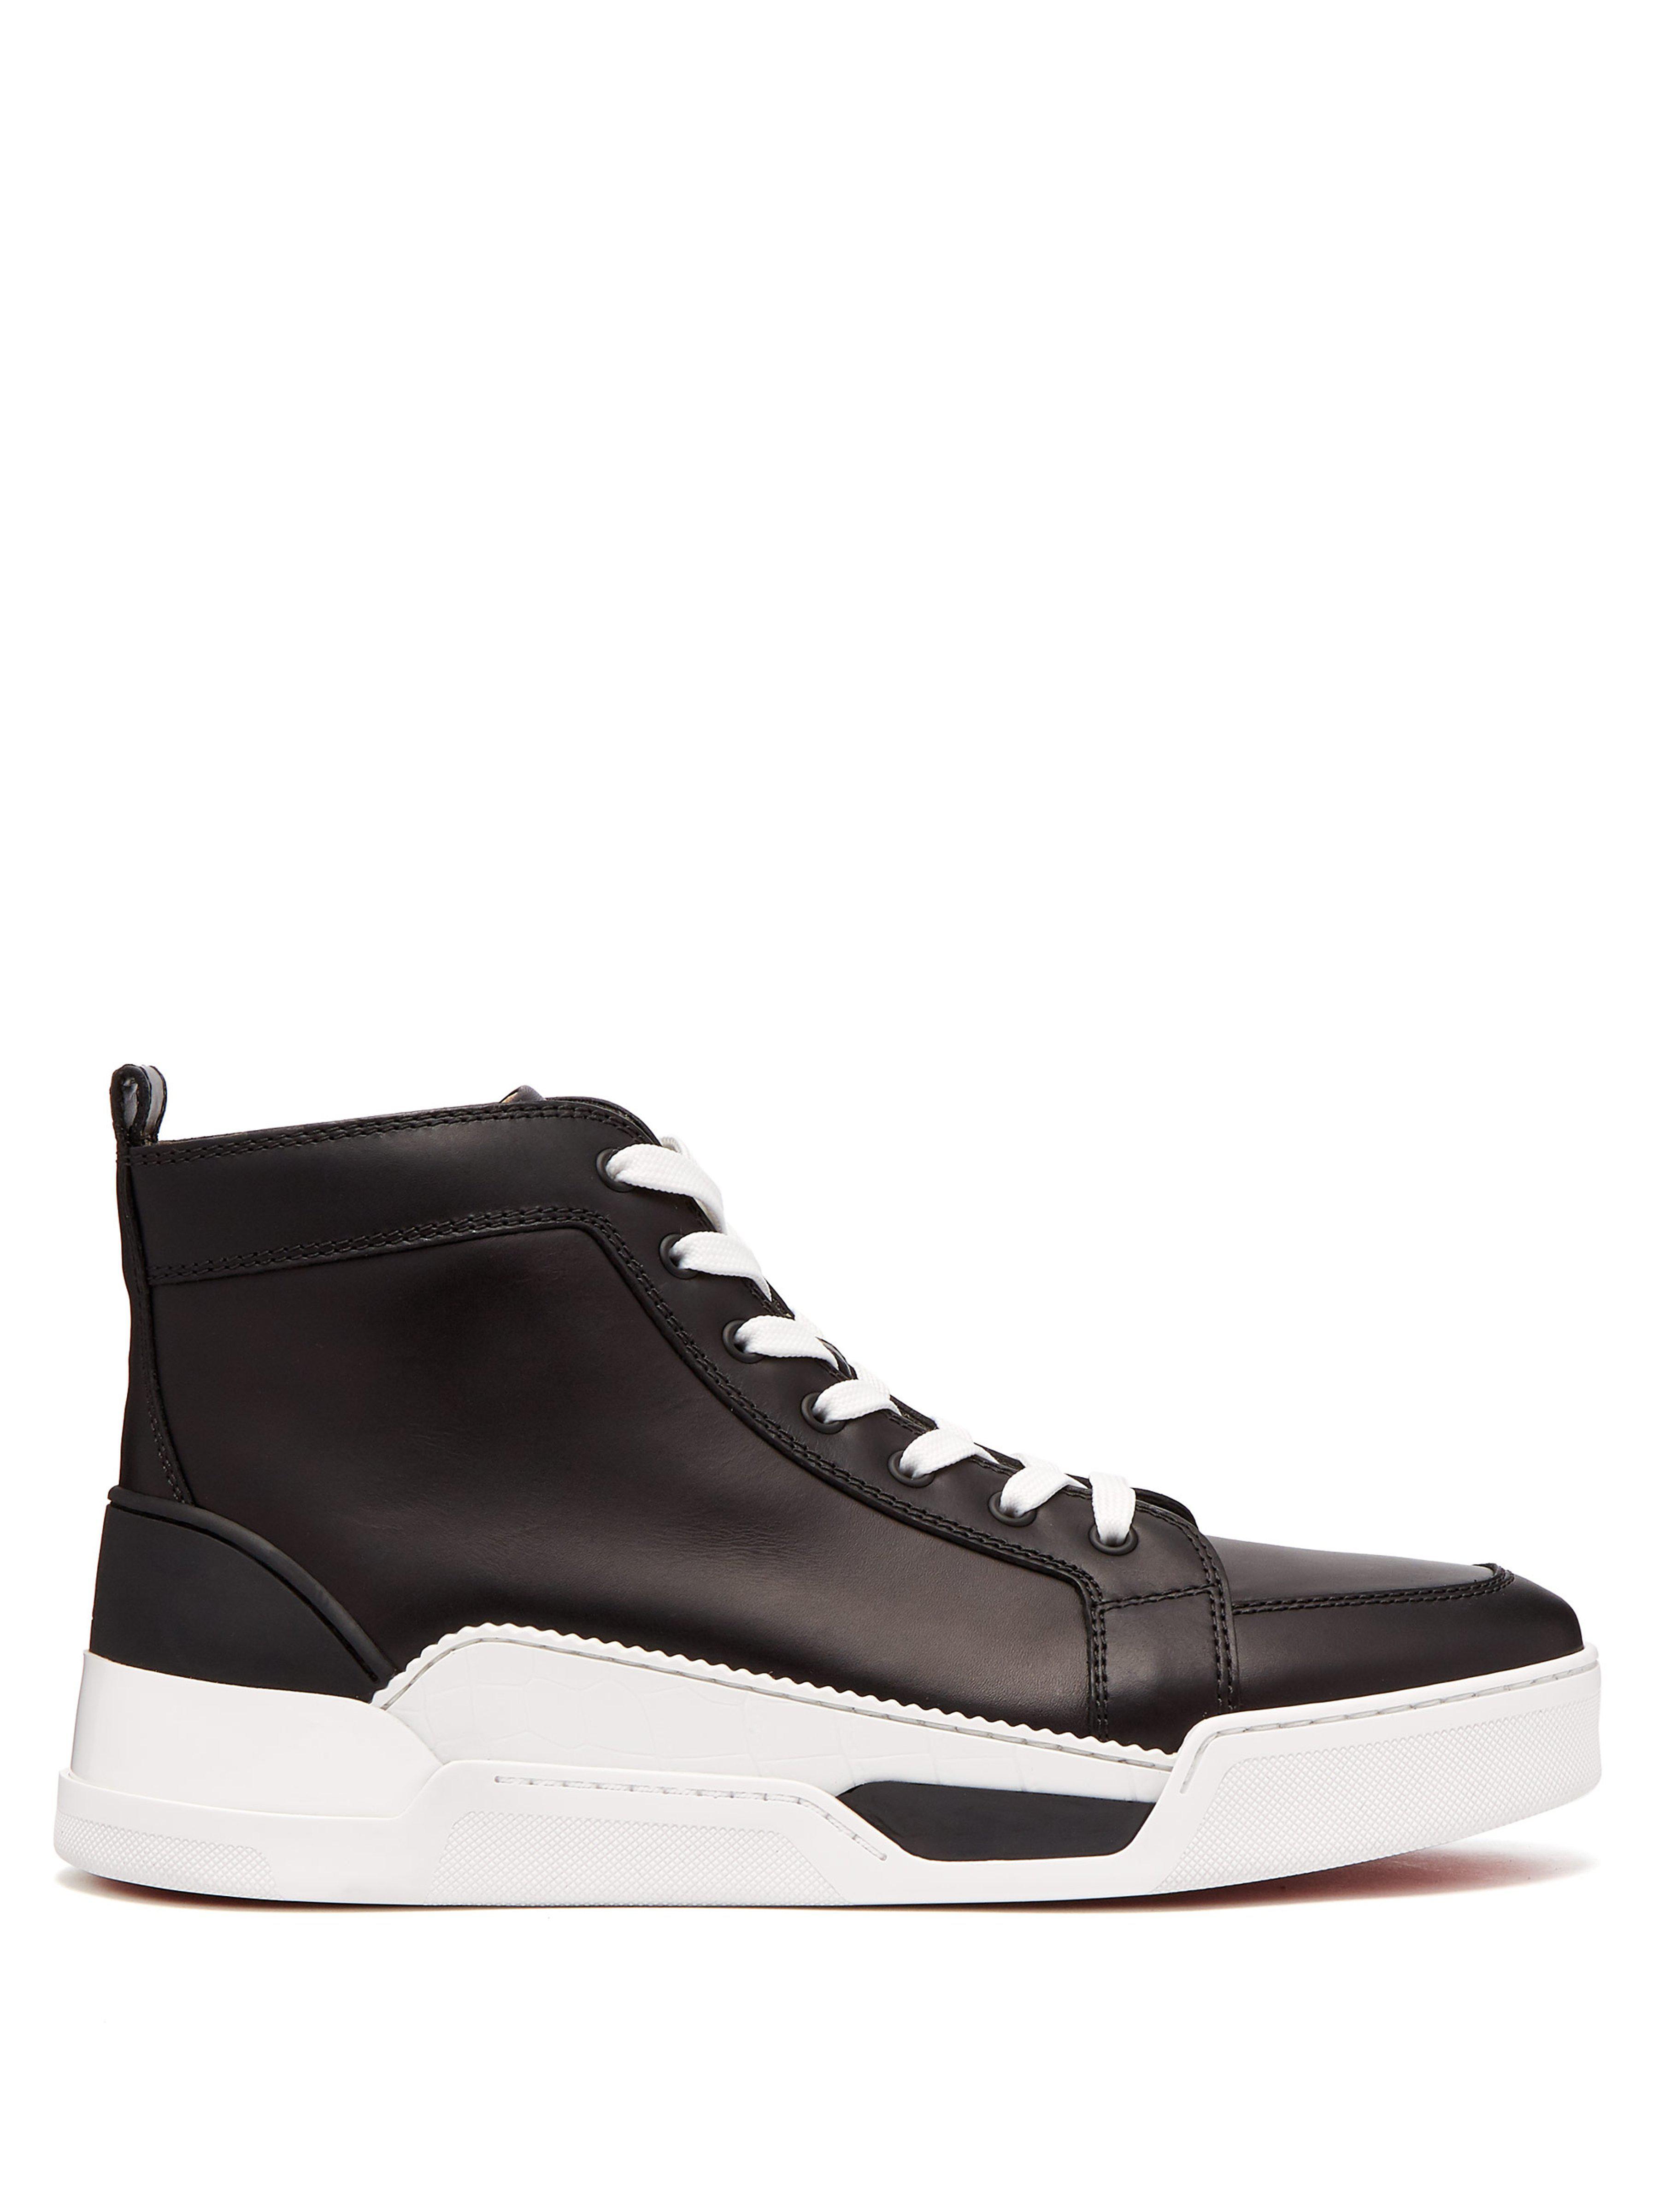 925055c911d Christian Louboutin. Baskets montantes en cuir et caoutchouc Rankick homme  de coloris noir